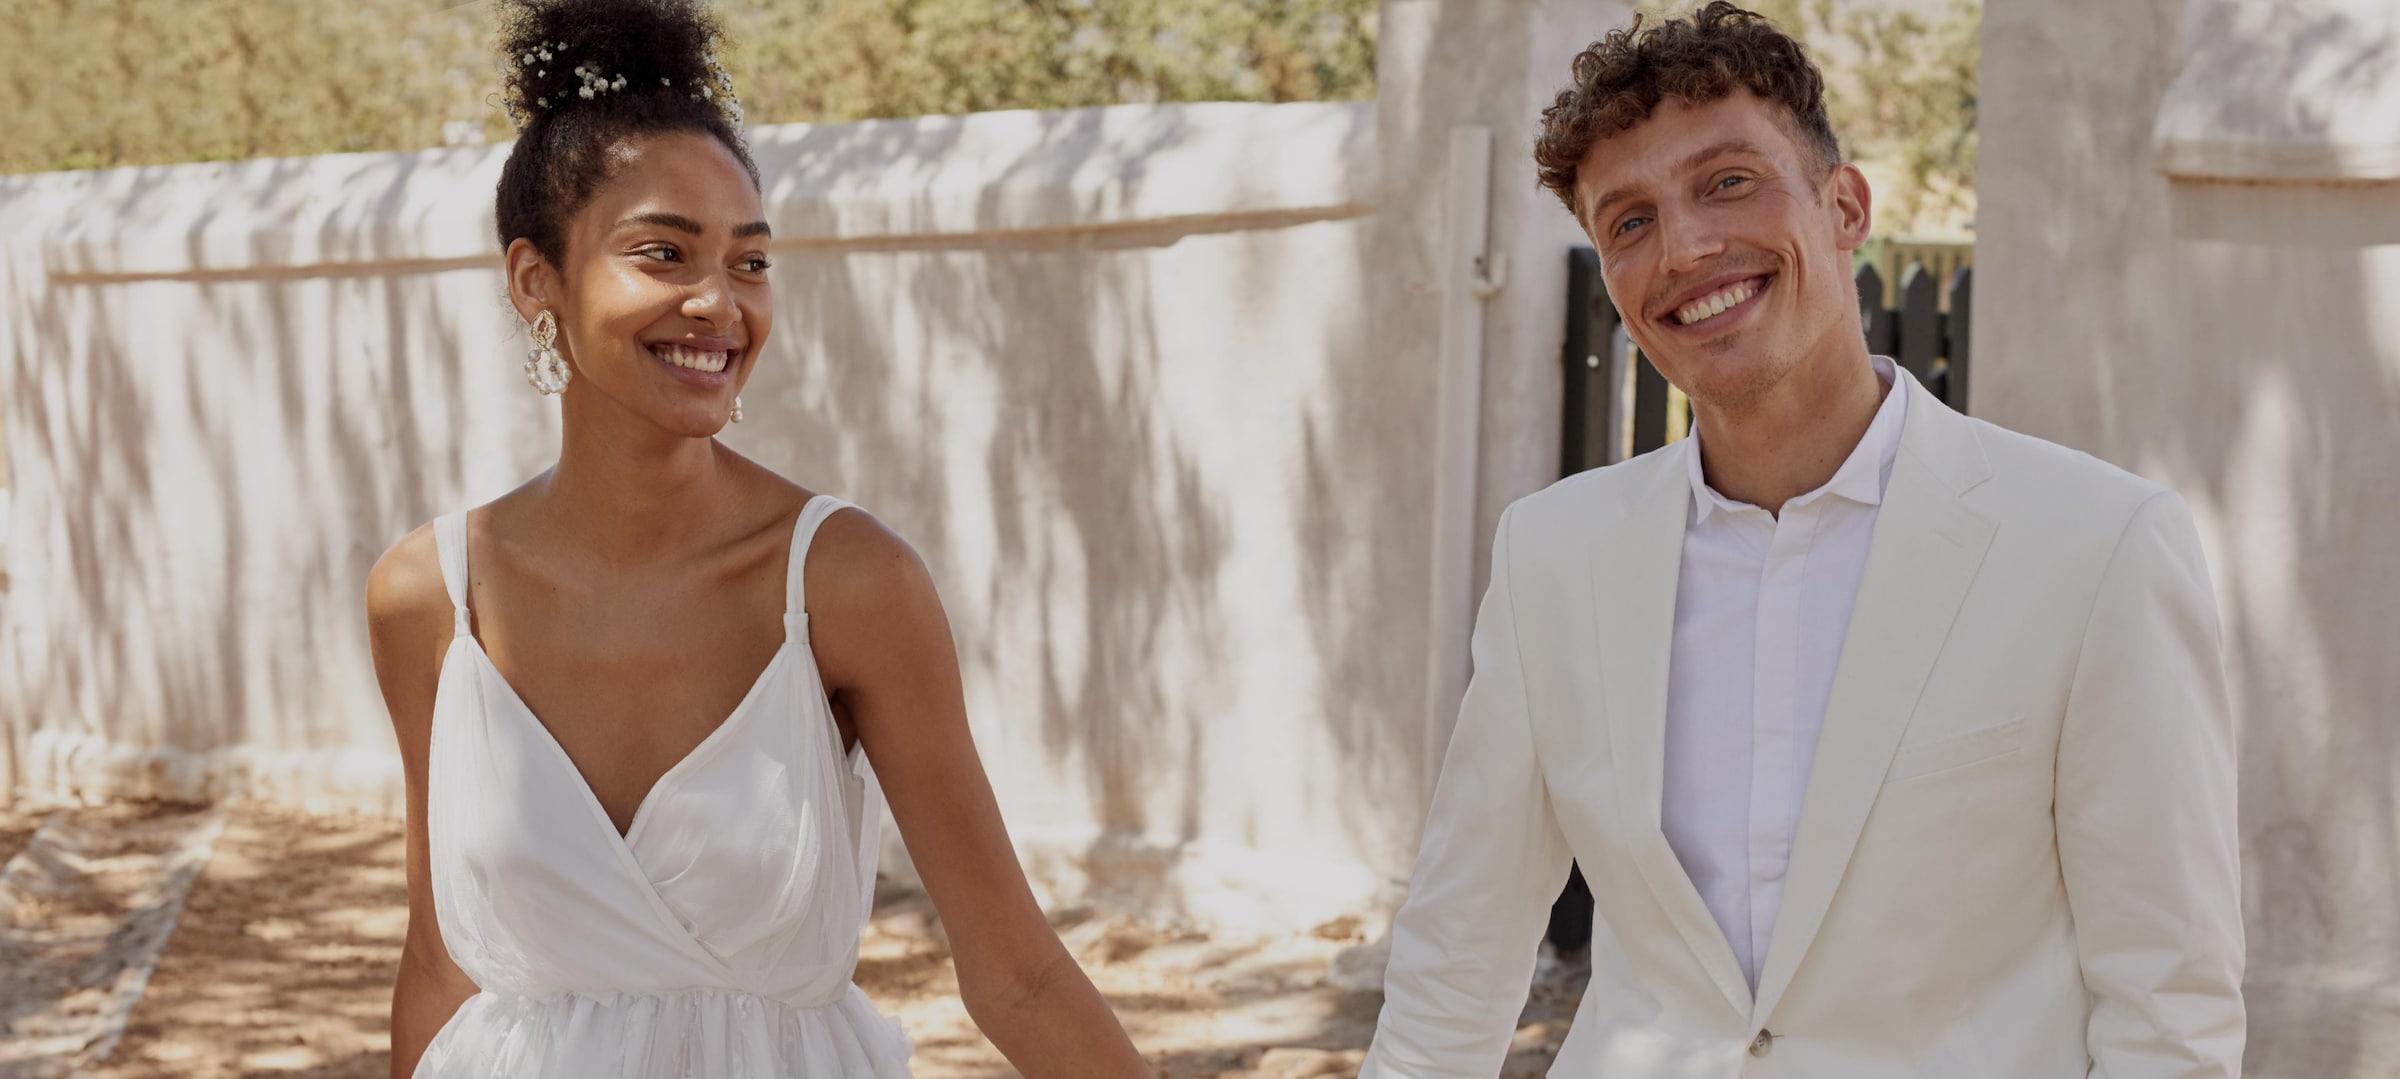 Für die freie Trauung: Romantische Kleider  ABOUT YOU